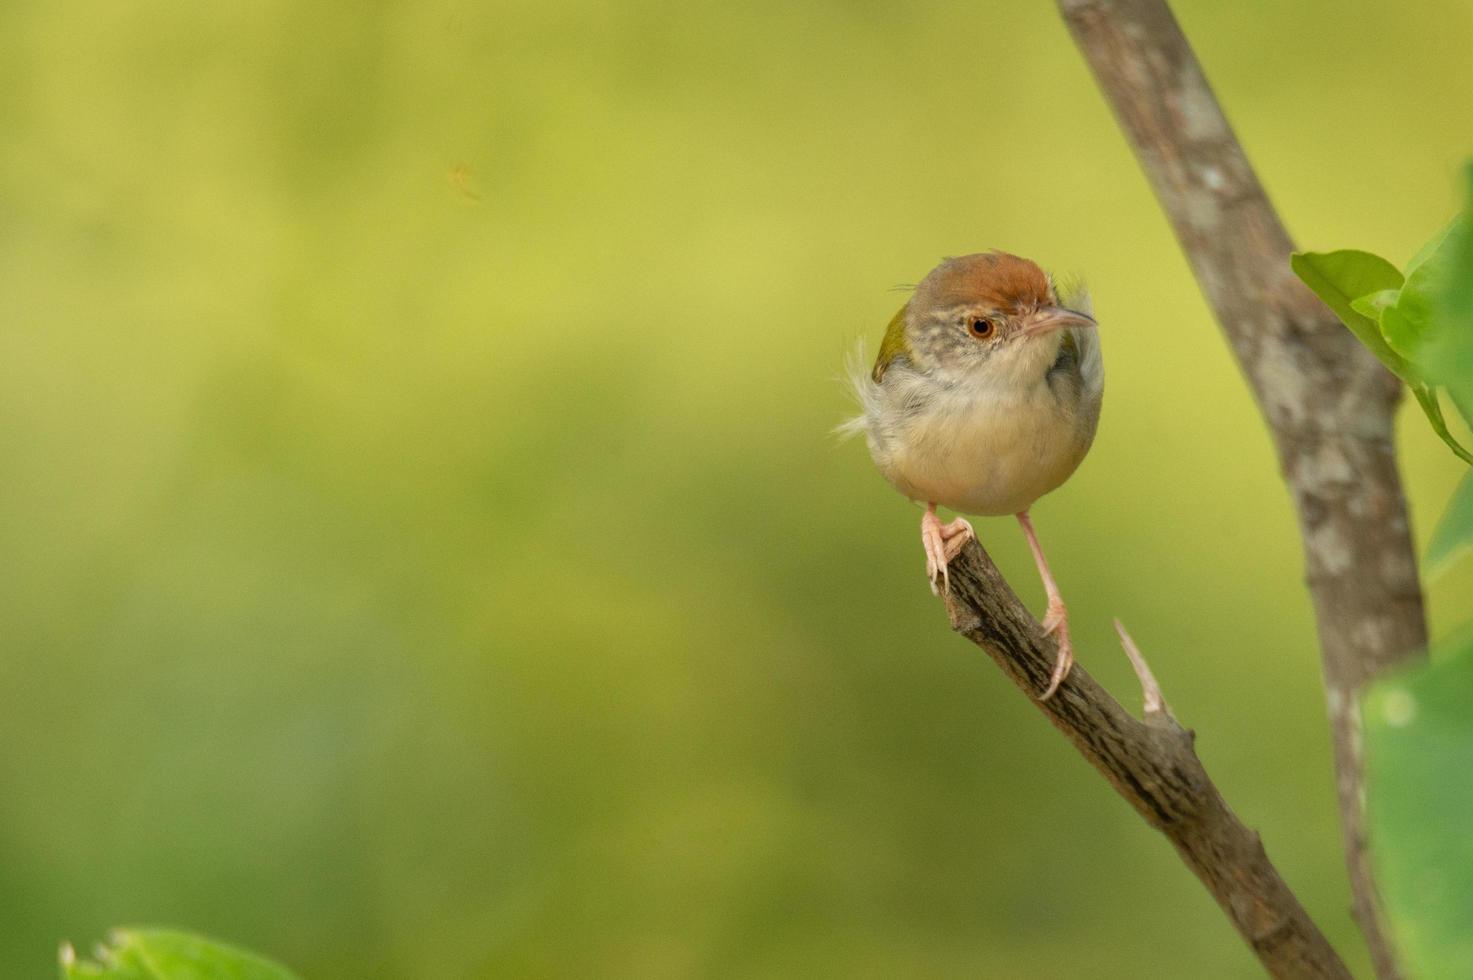 kleiner Vogel thront auf Ast foto